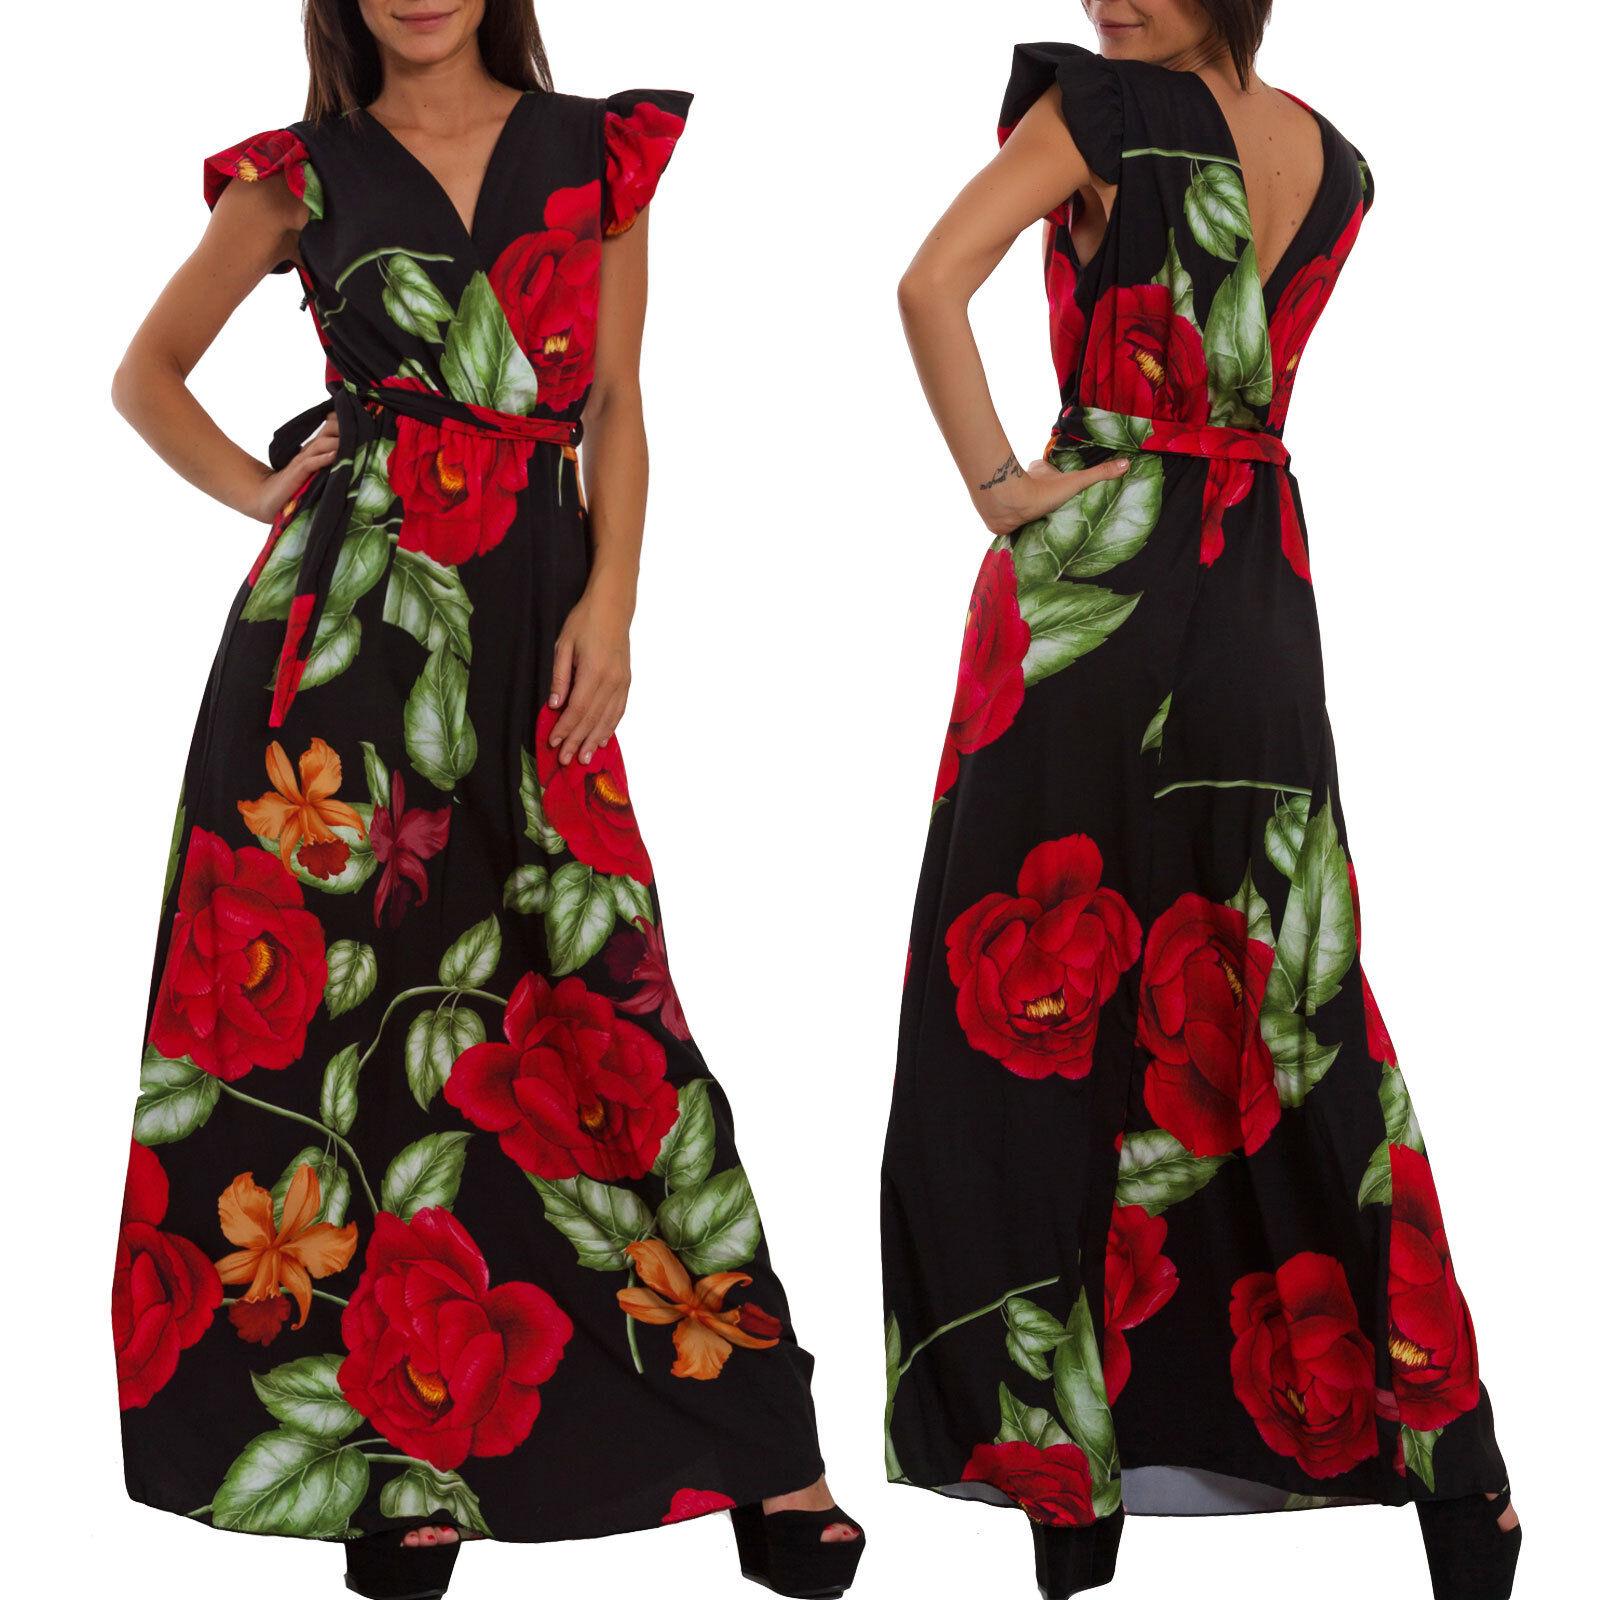 dd59db869532 Vestito donna lungo abito floreale fiori ruches elegante cerimonia sexy